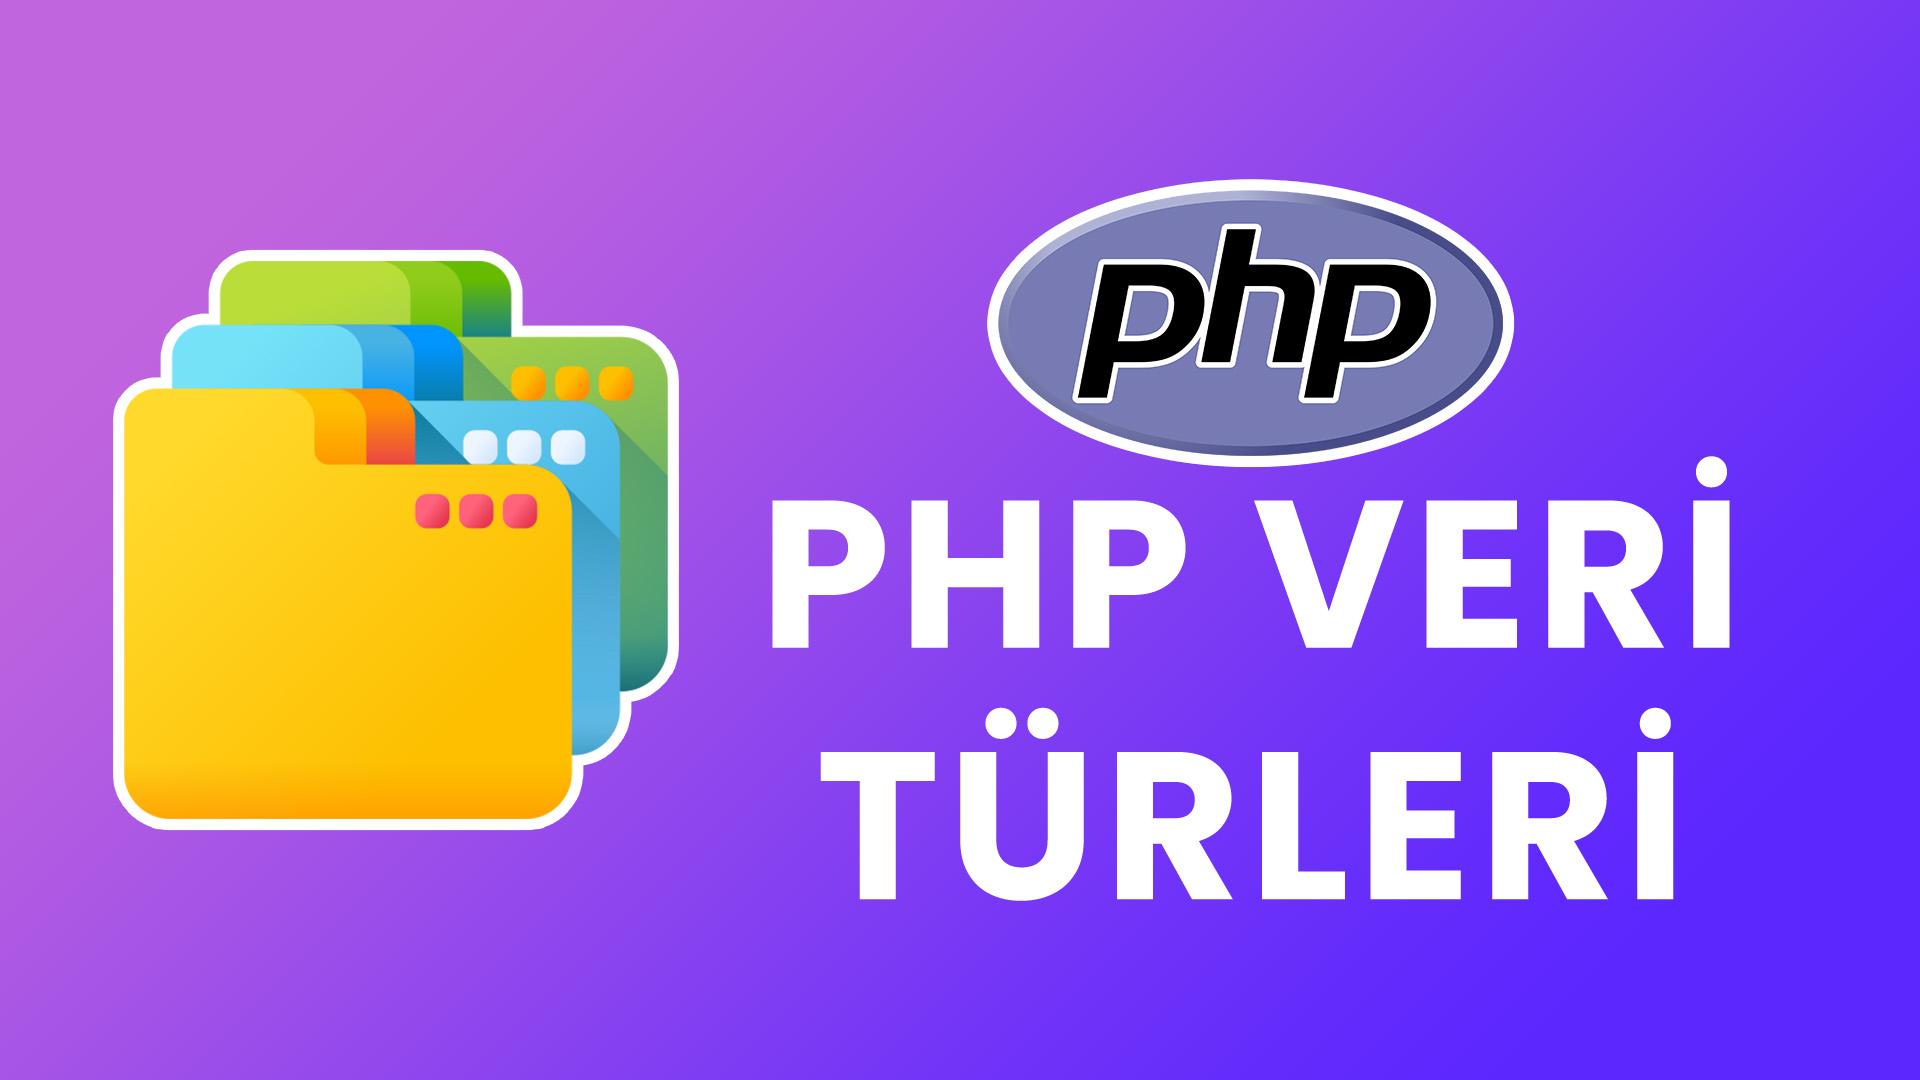 PHP Veri Türleri / Tipleri Nelerdir?